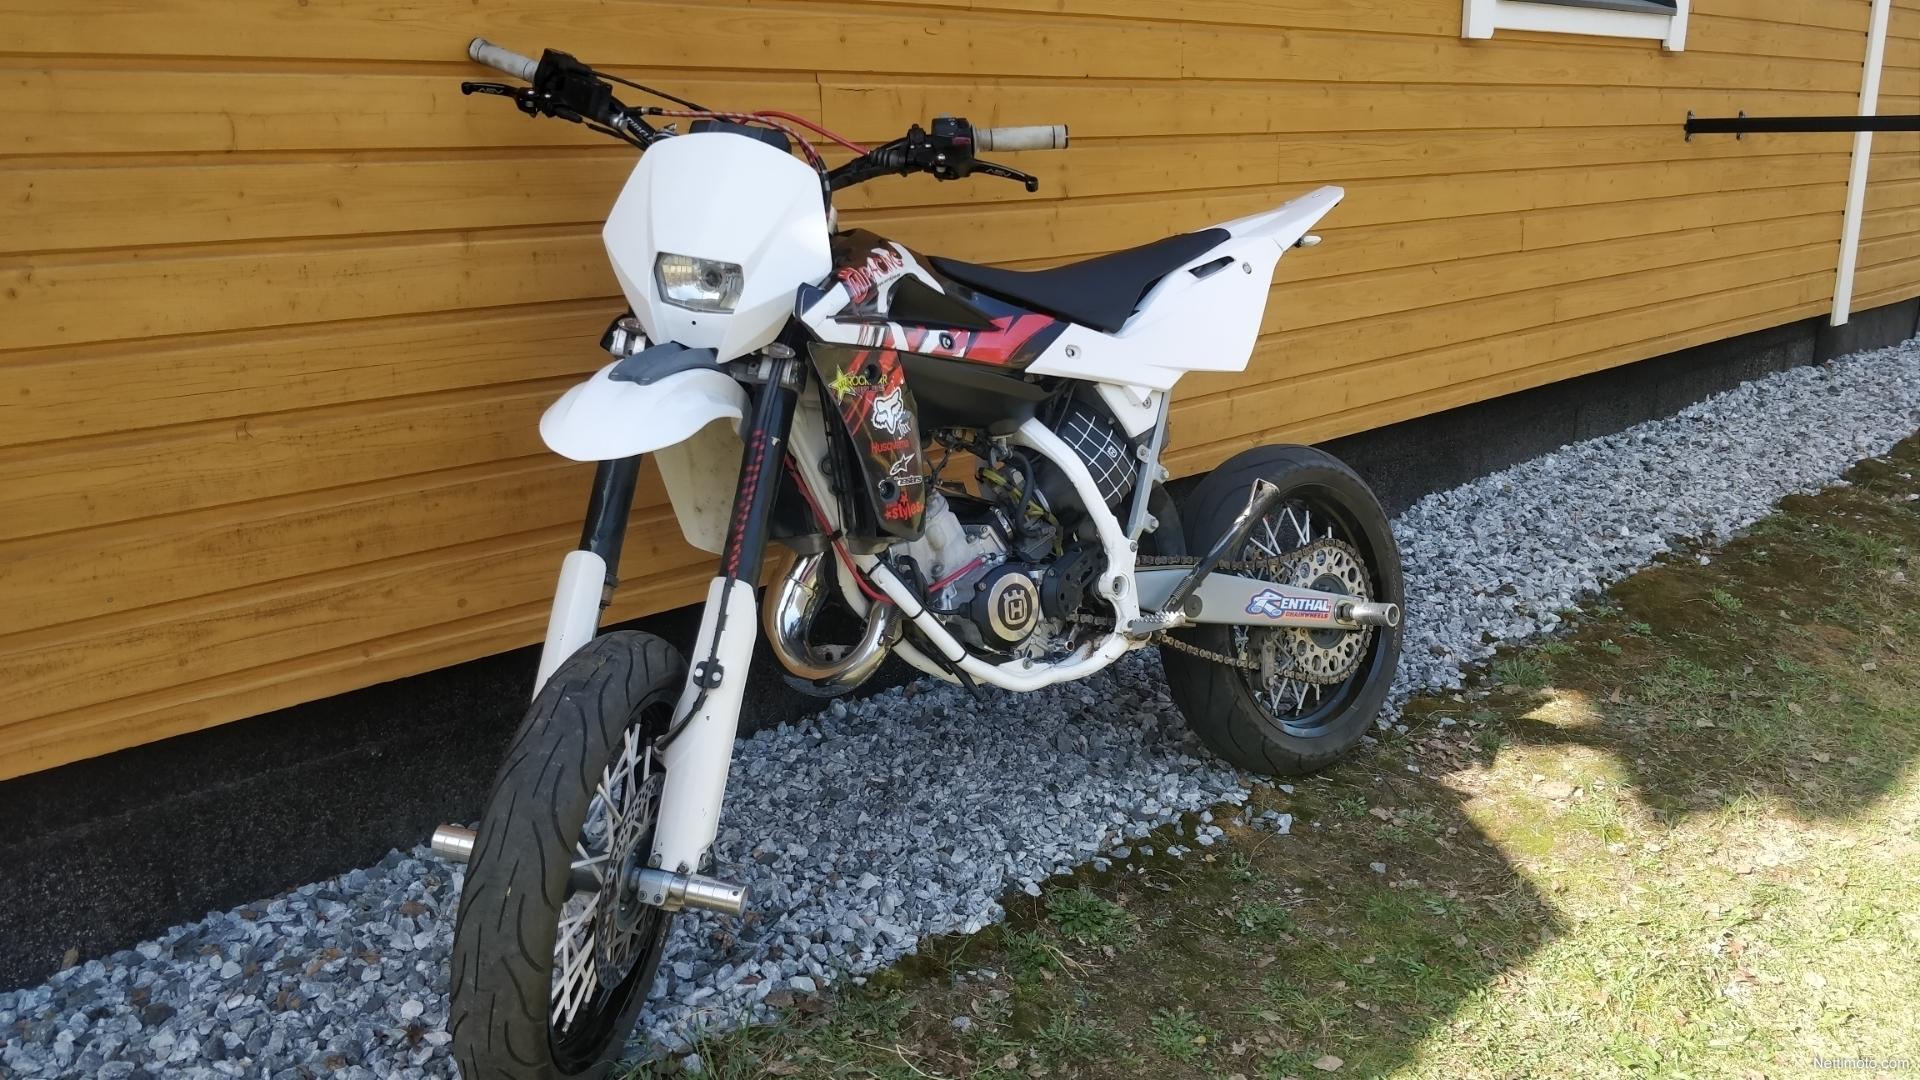 Husqvarna WR 125 125 cm³ 2009 - Juankoski - Moottoripyörä